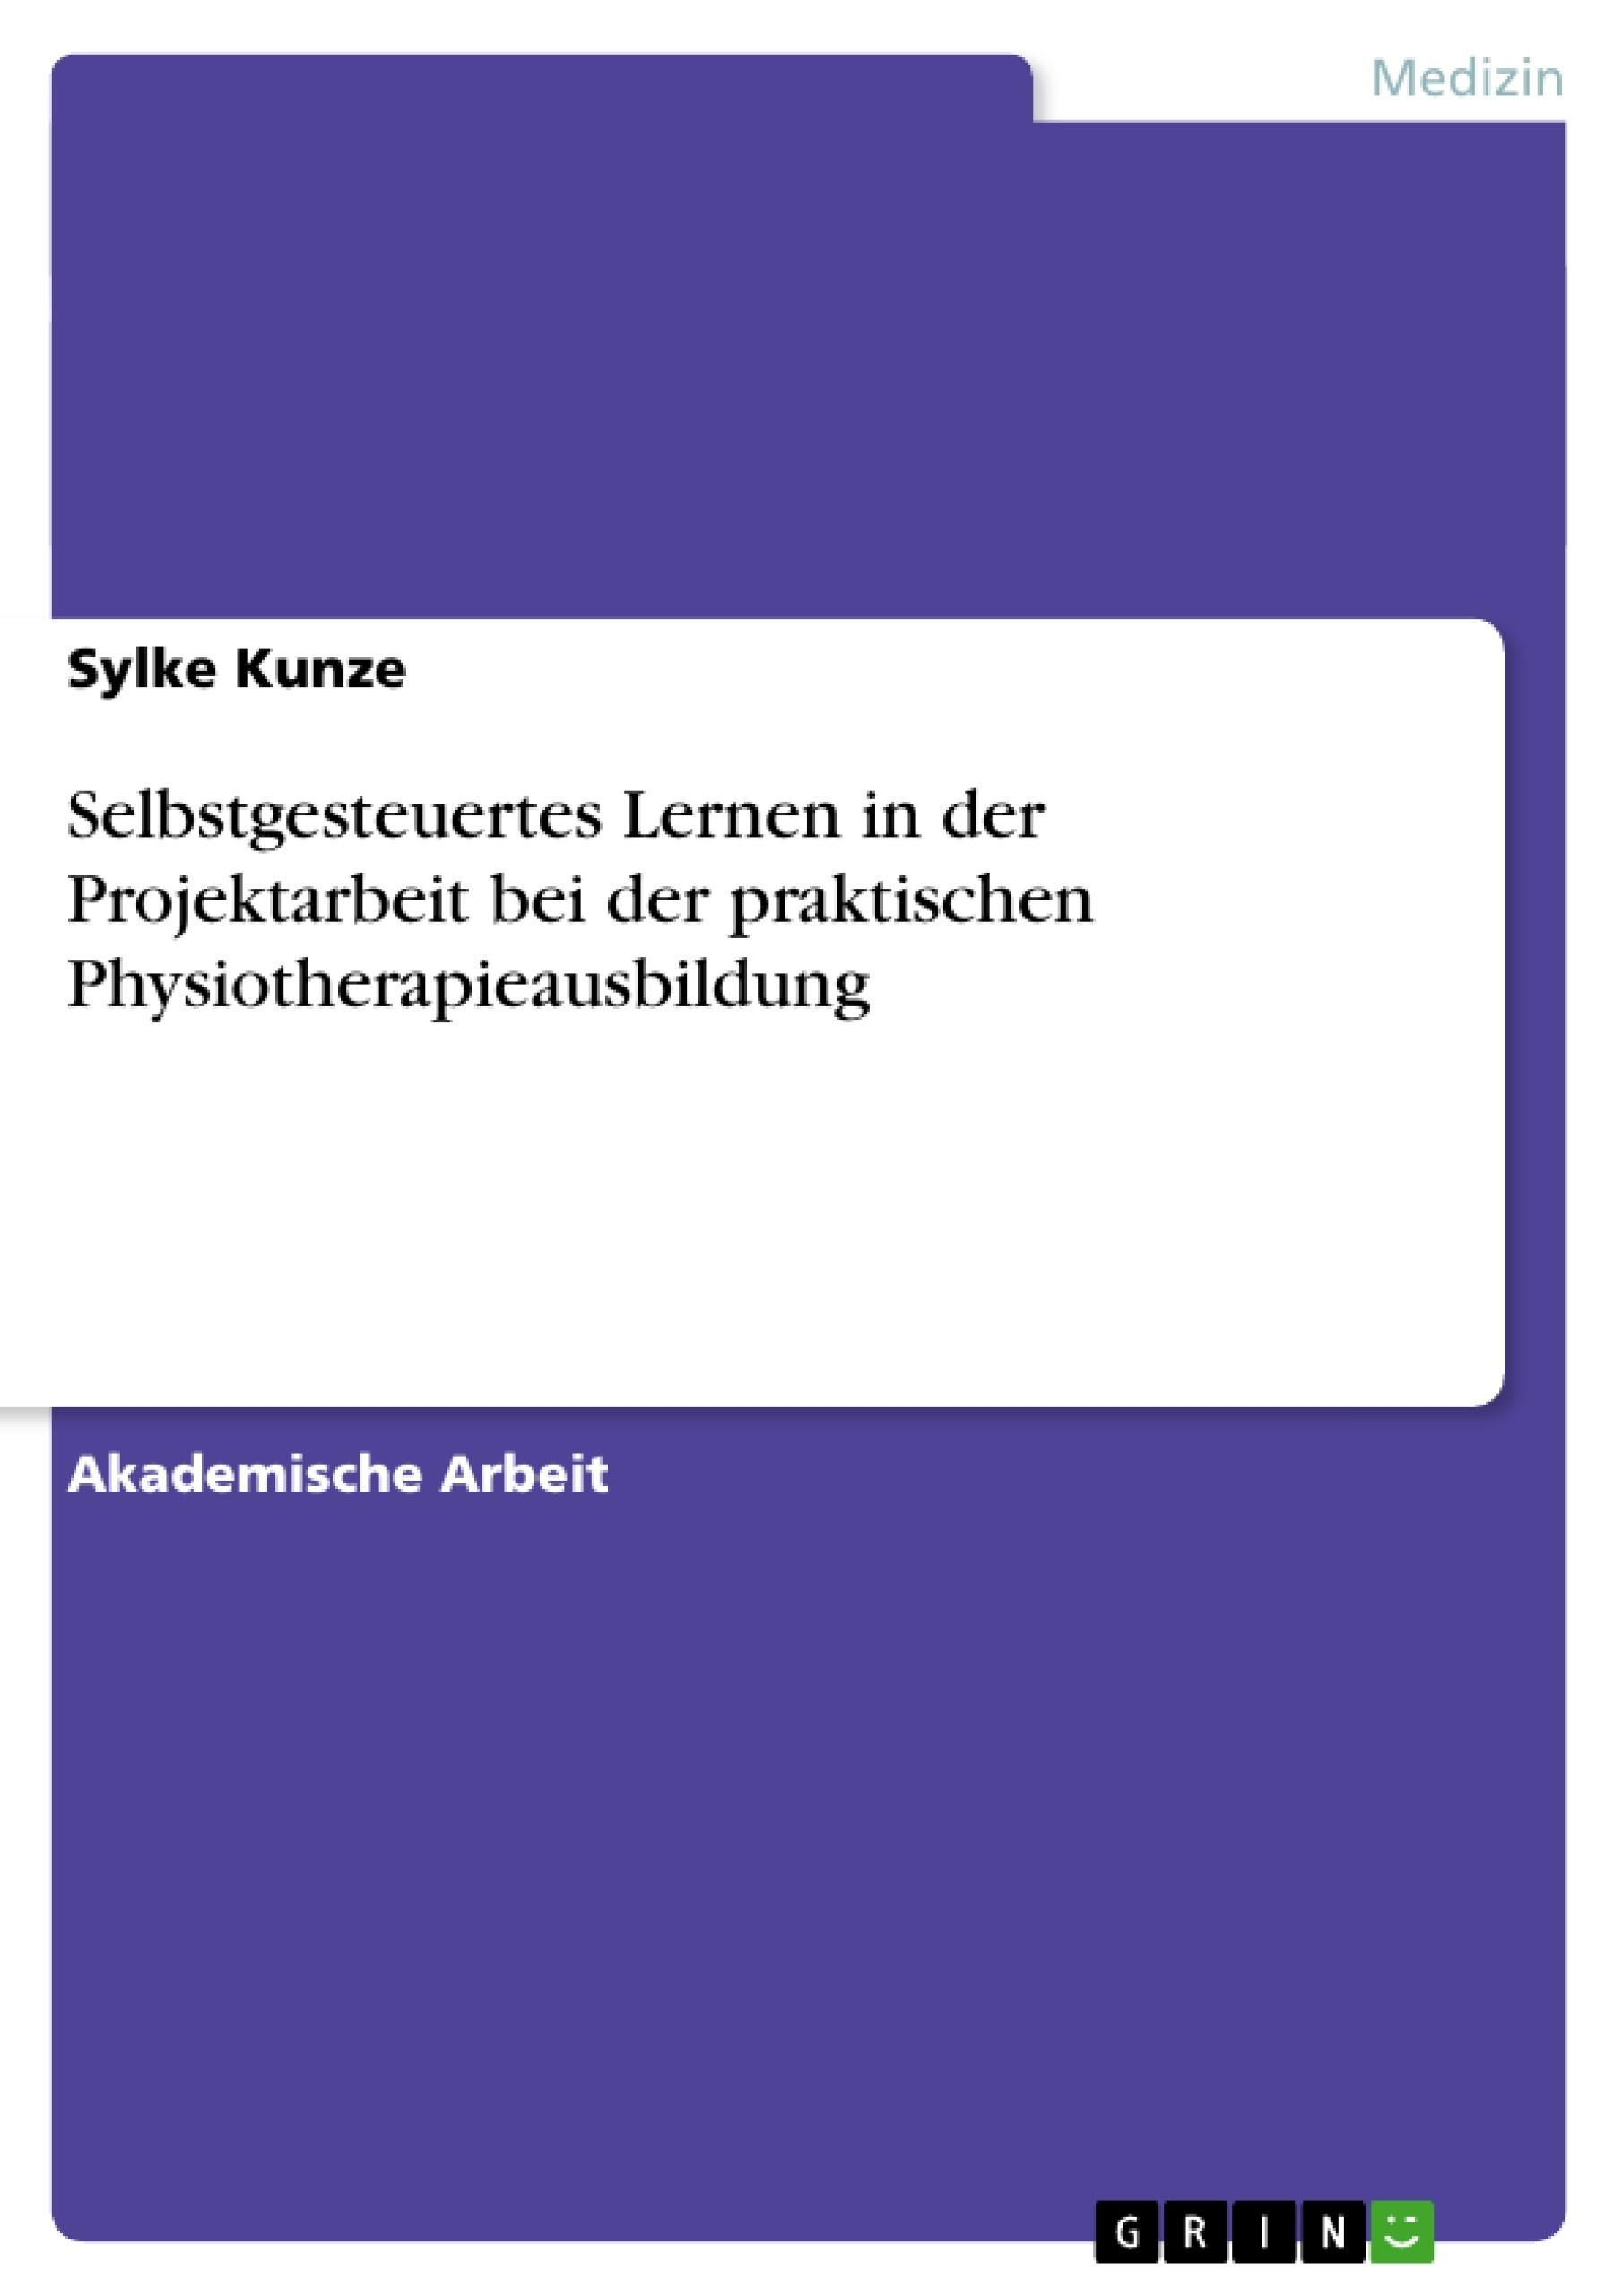 Titel: Selbstgesteuertes Lernen in der Projektarbeit bei der praktischen Physiotherapieausbildung